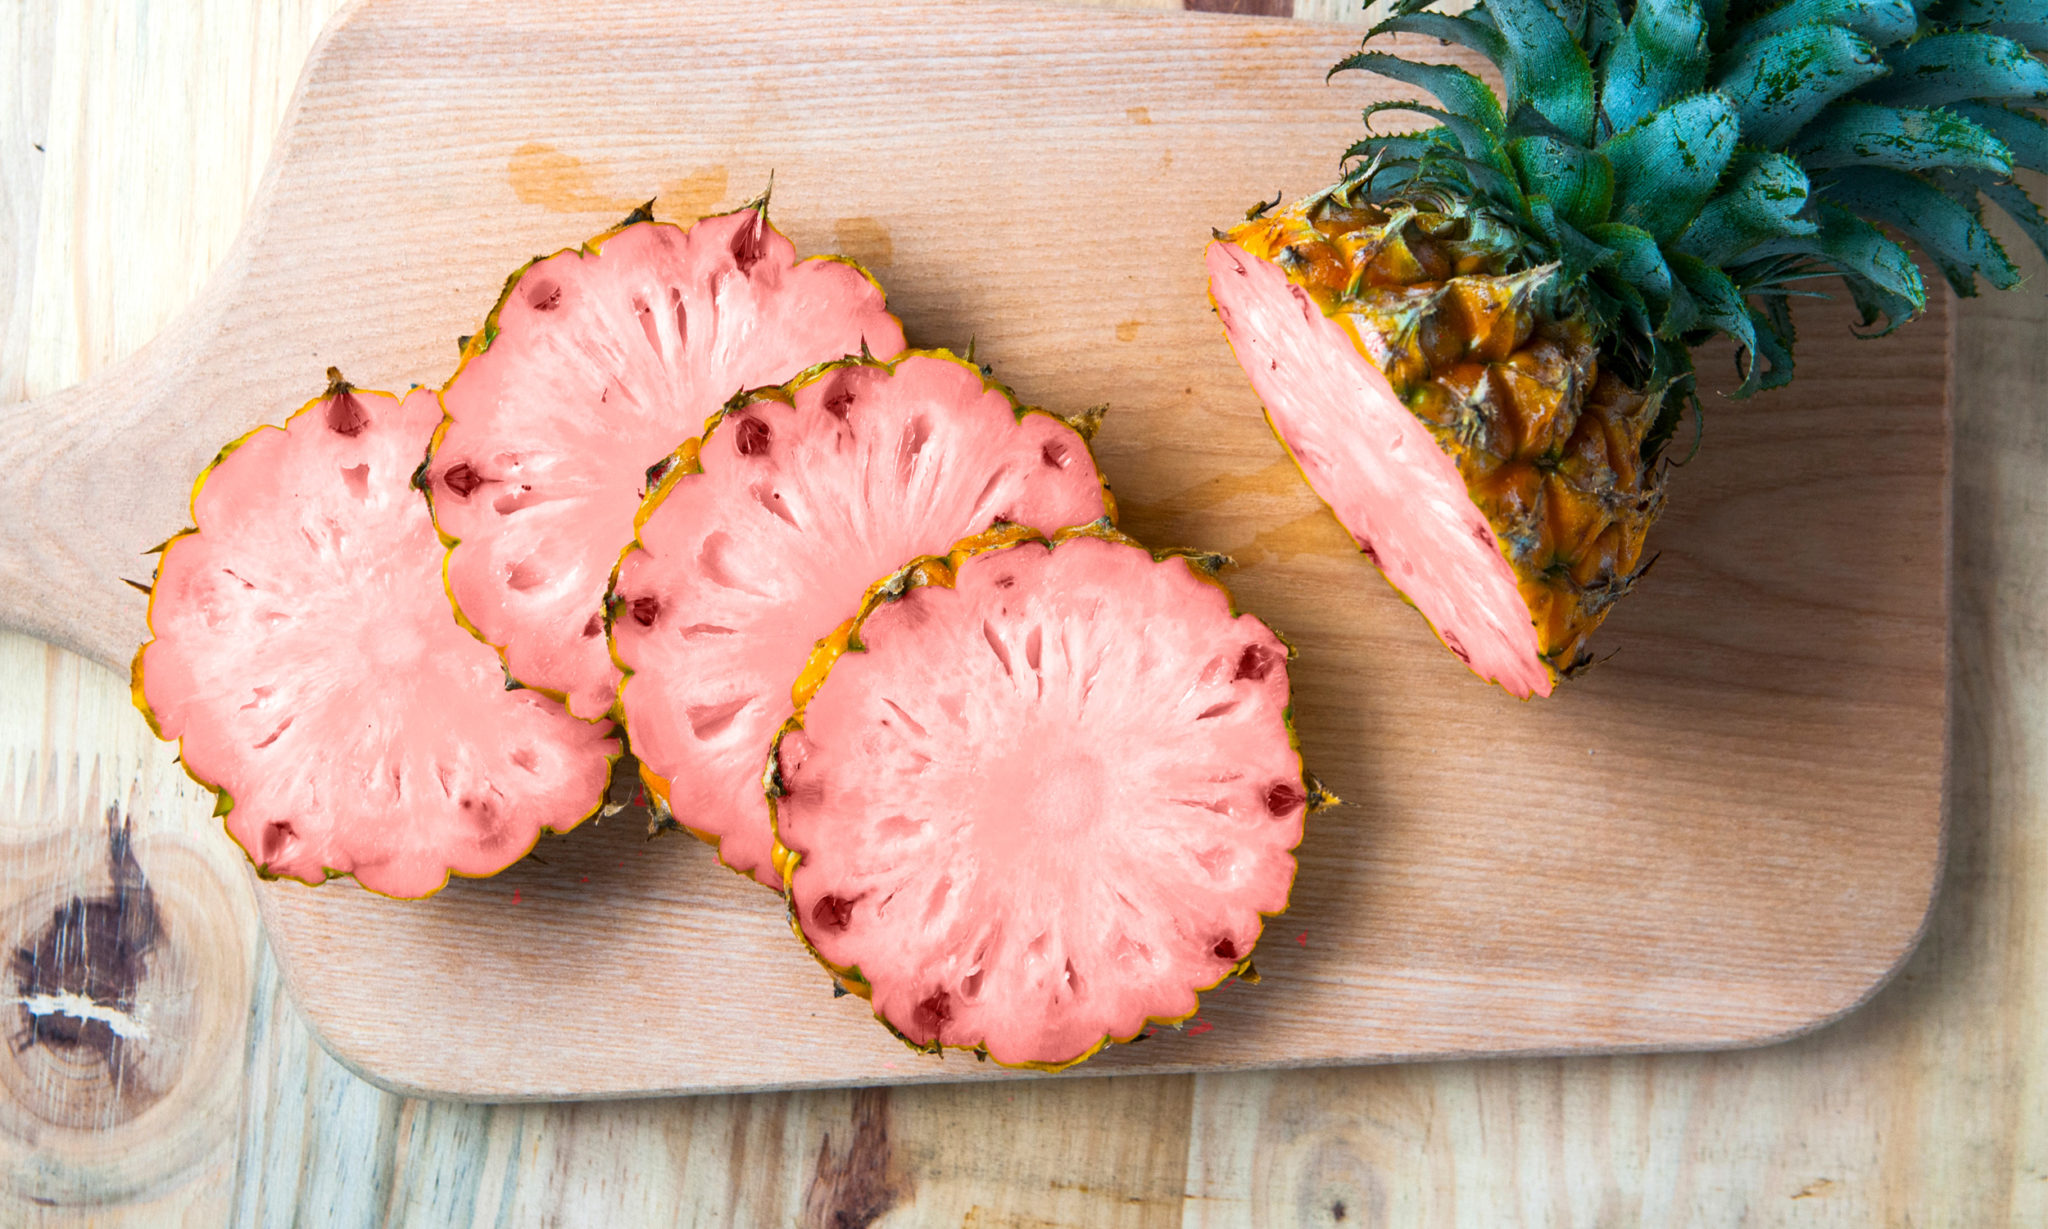 Zdjęcie ananasa pokrojonego na cztery kawałki. Owoc leży na desce do krojenia. Widać różowy, genetycznie zmodyfikowany owoc.